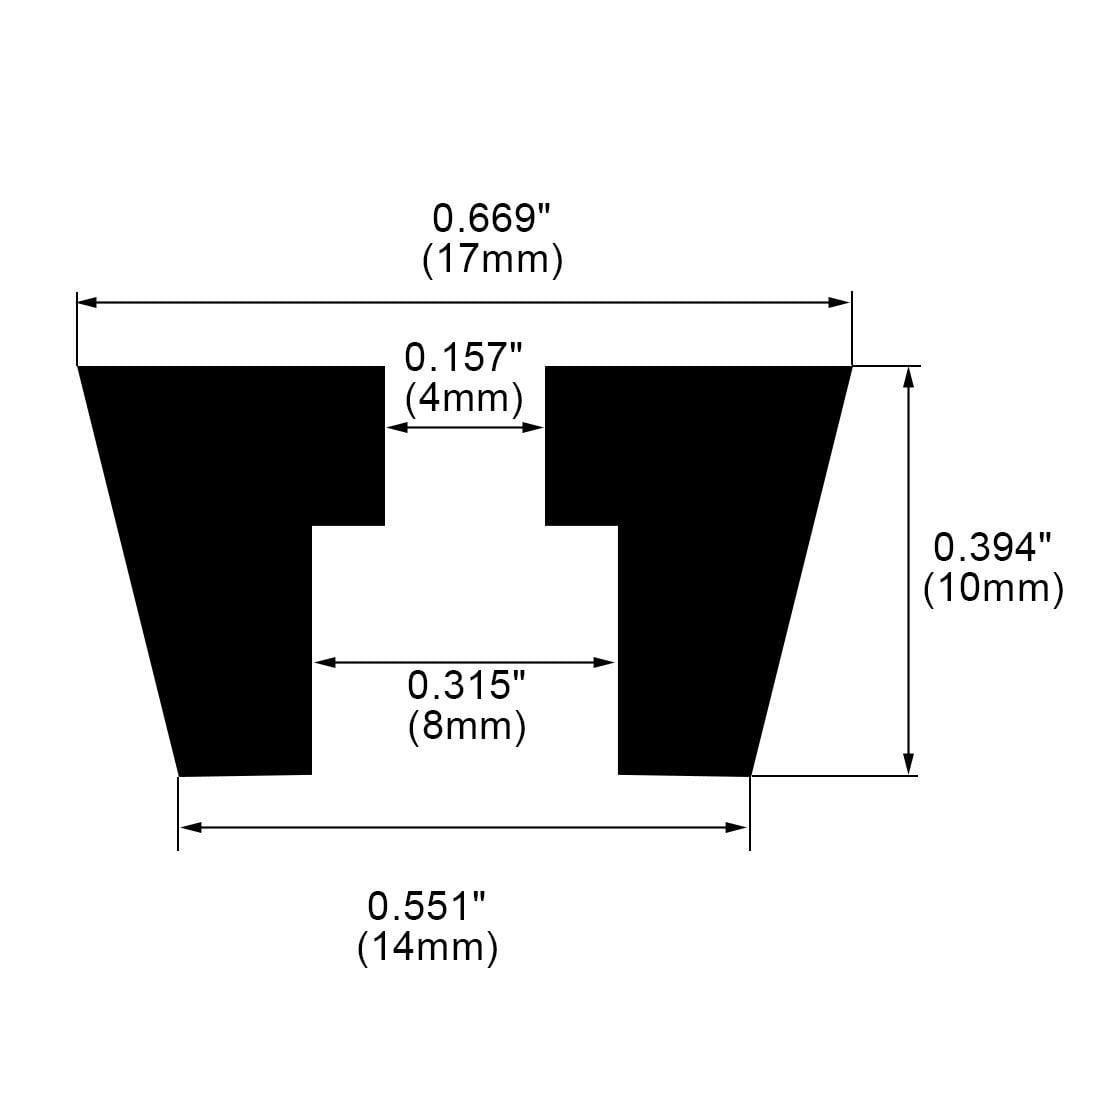 18pcs Rubber Feet Bumper for Amplifier Printer Cabinet Desk Leg, D17x14xH10mm - image 2 de 7